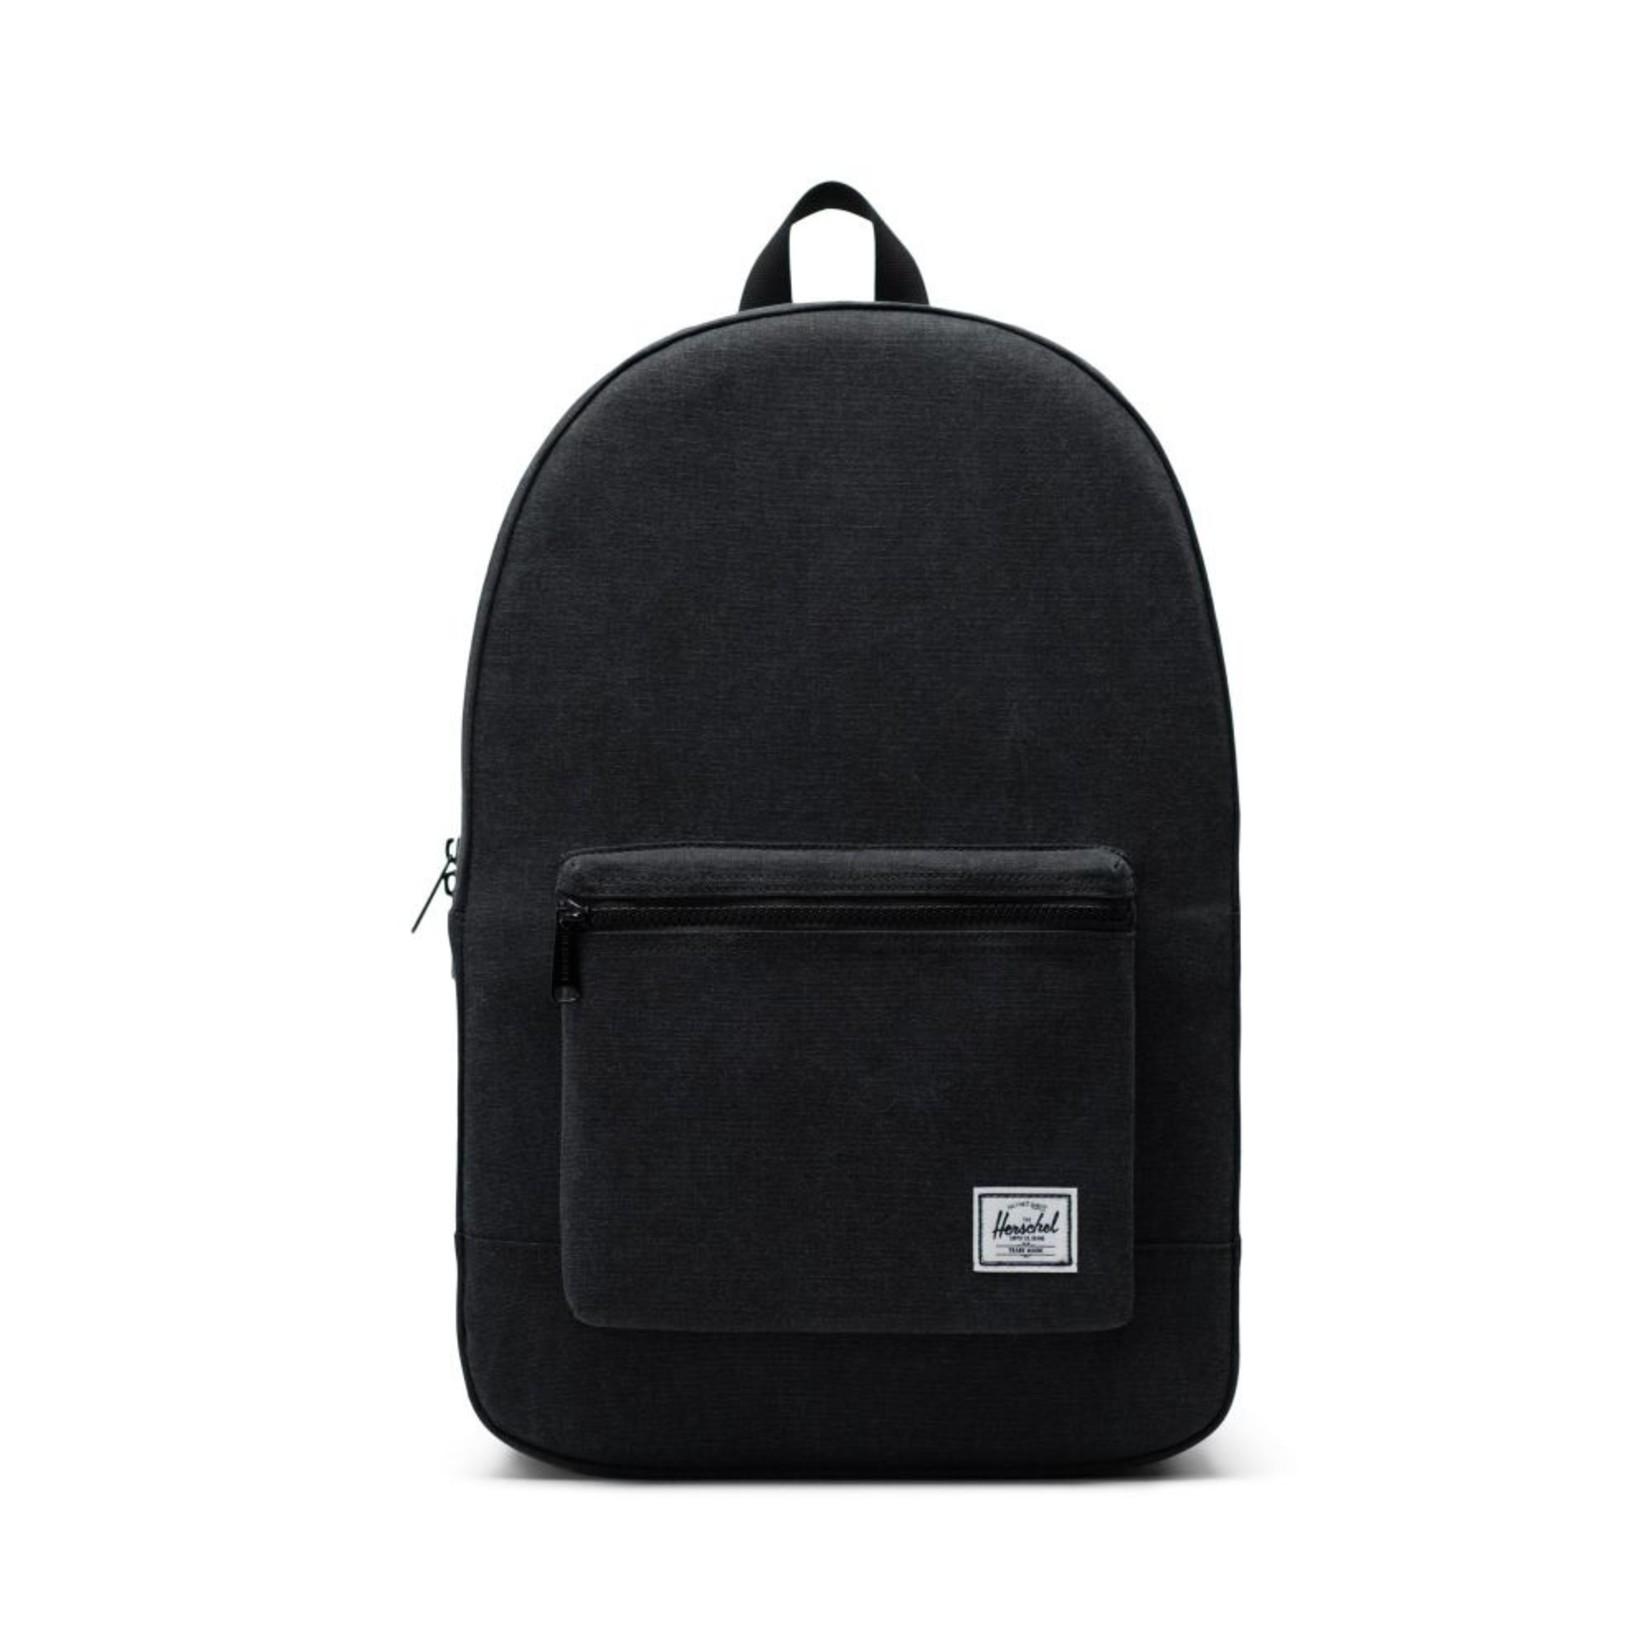 Herschel Cotton Casuals I Daypack Black